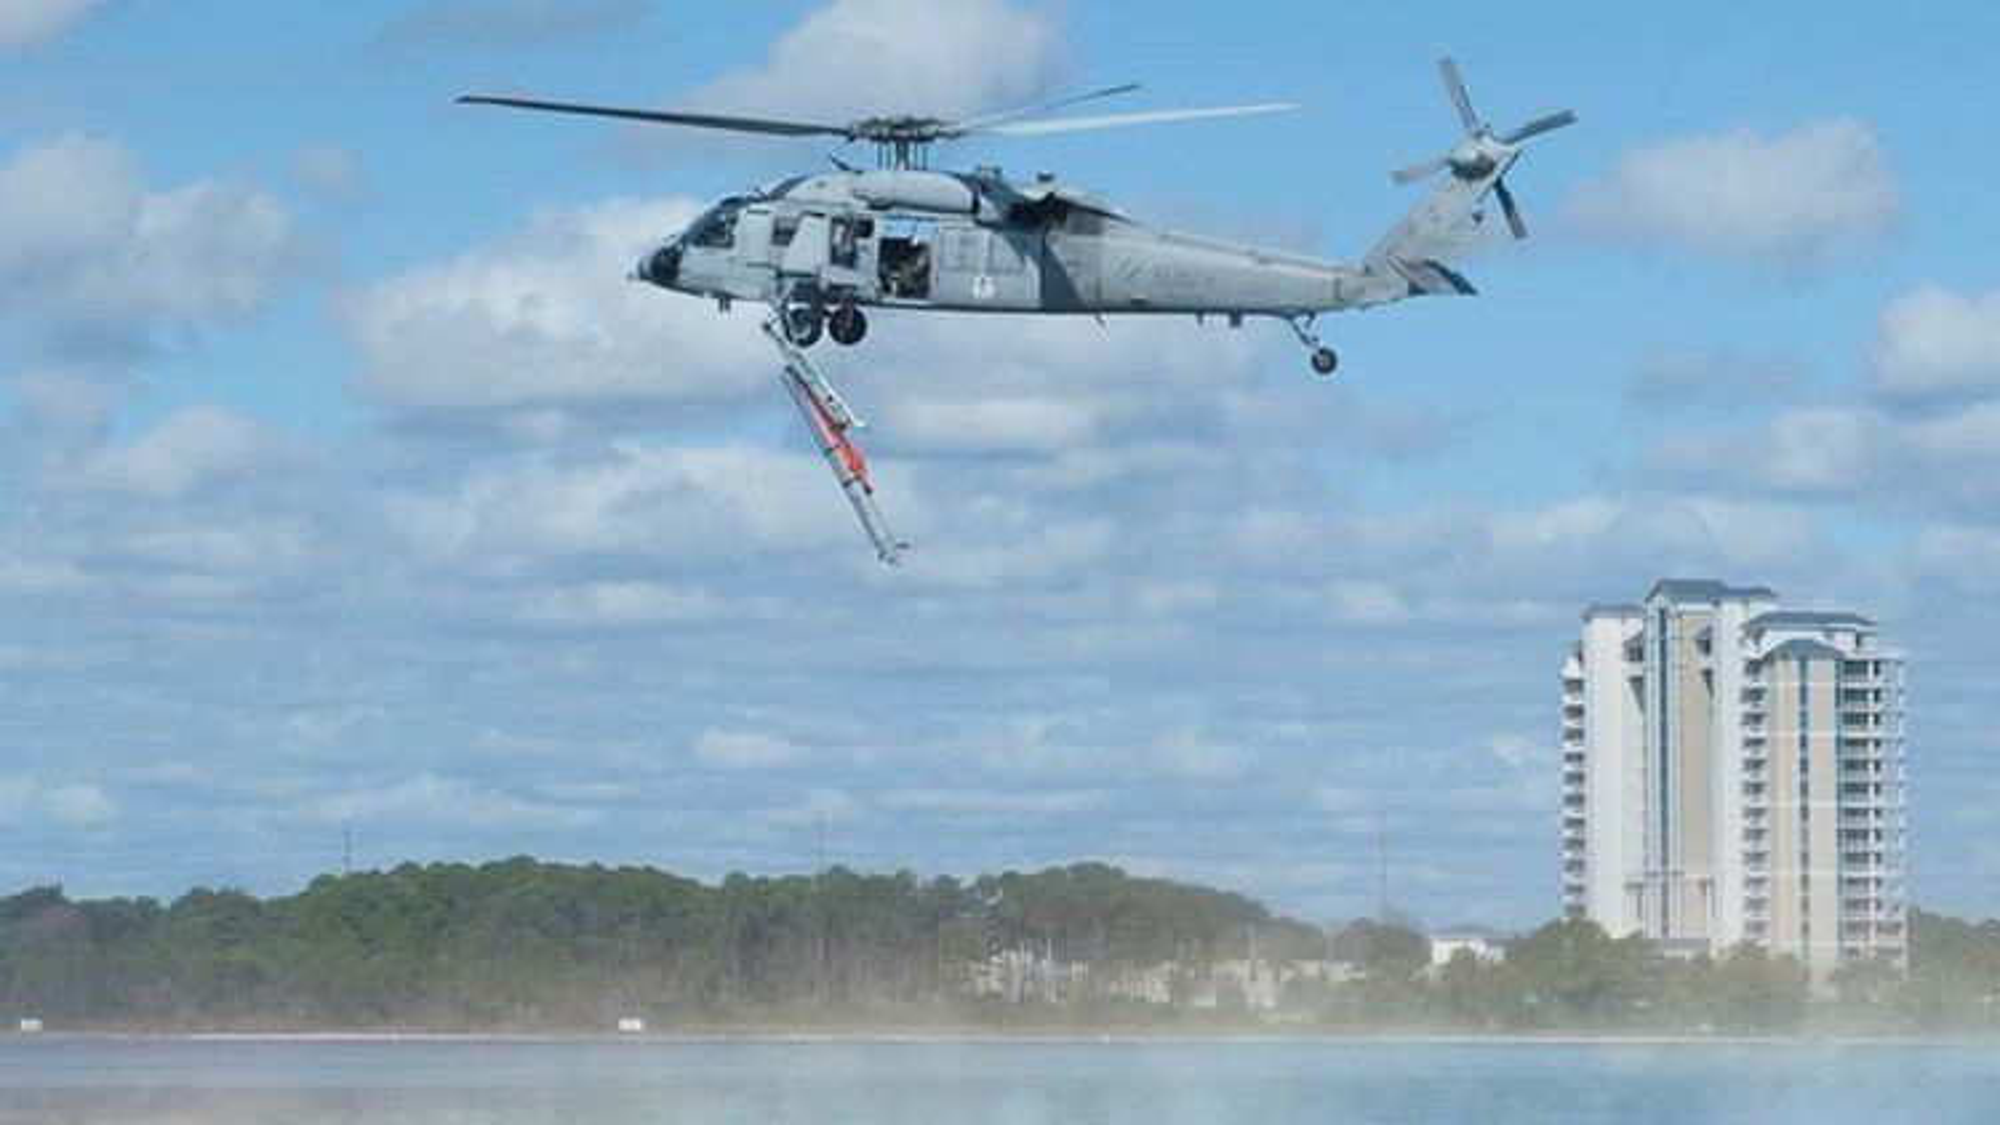 En Remus 600 (Mk 18 mod 2) slippes fra et MH-60S Seahawk under en øvelse i Florida.